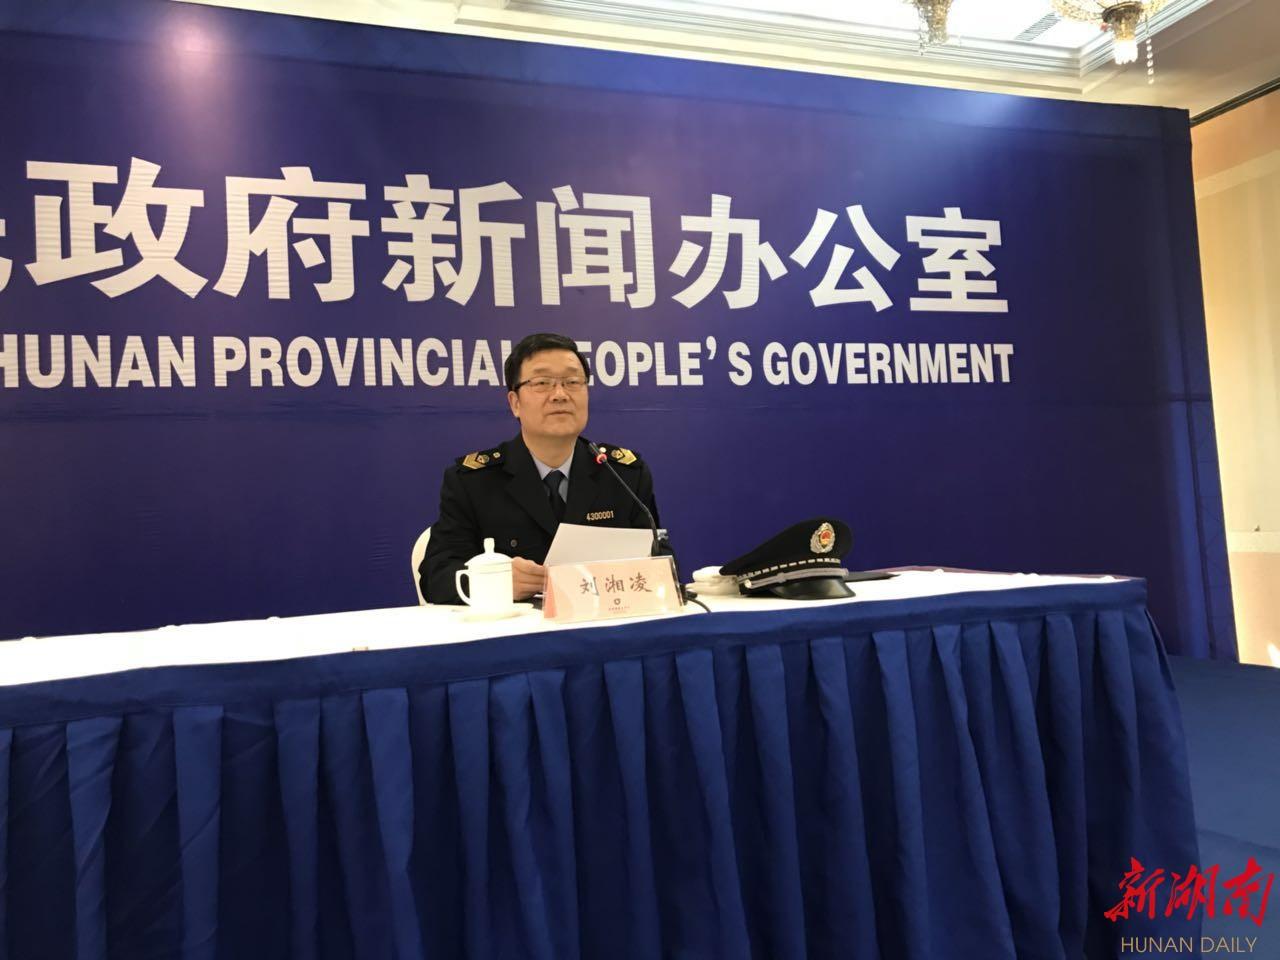 今天,四起查处的大案要案被省食安委点了名 新湖南www.hunanabc.com